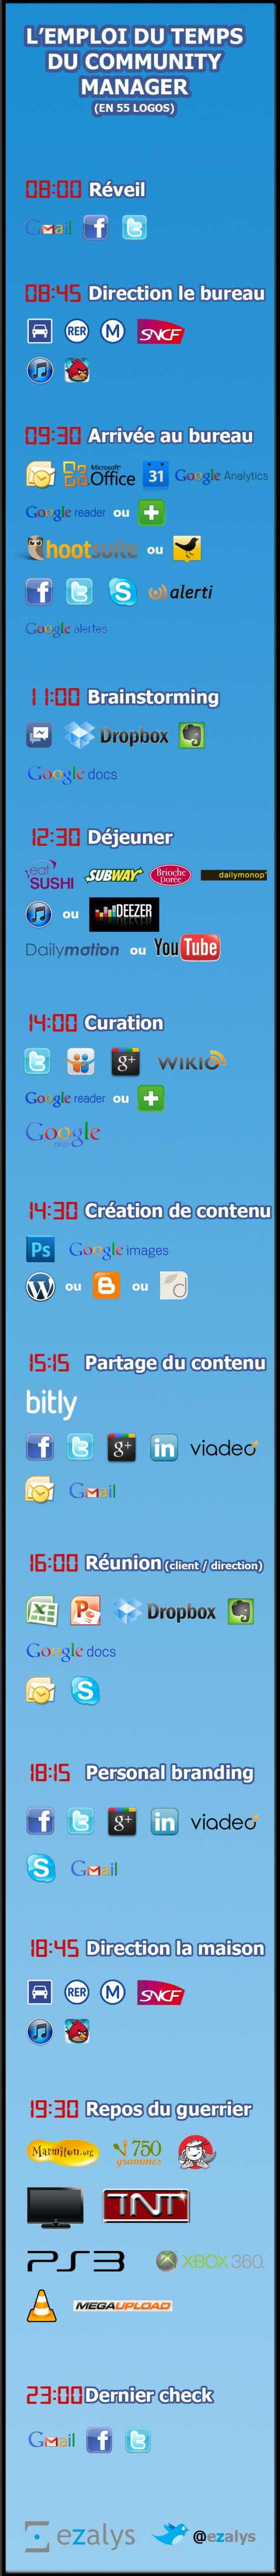 L'emploi du temps d'un community manager en 55 logos ... Vive la France... réveil a 8hrs?